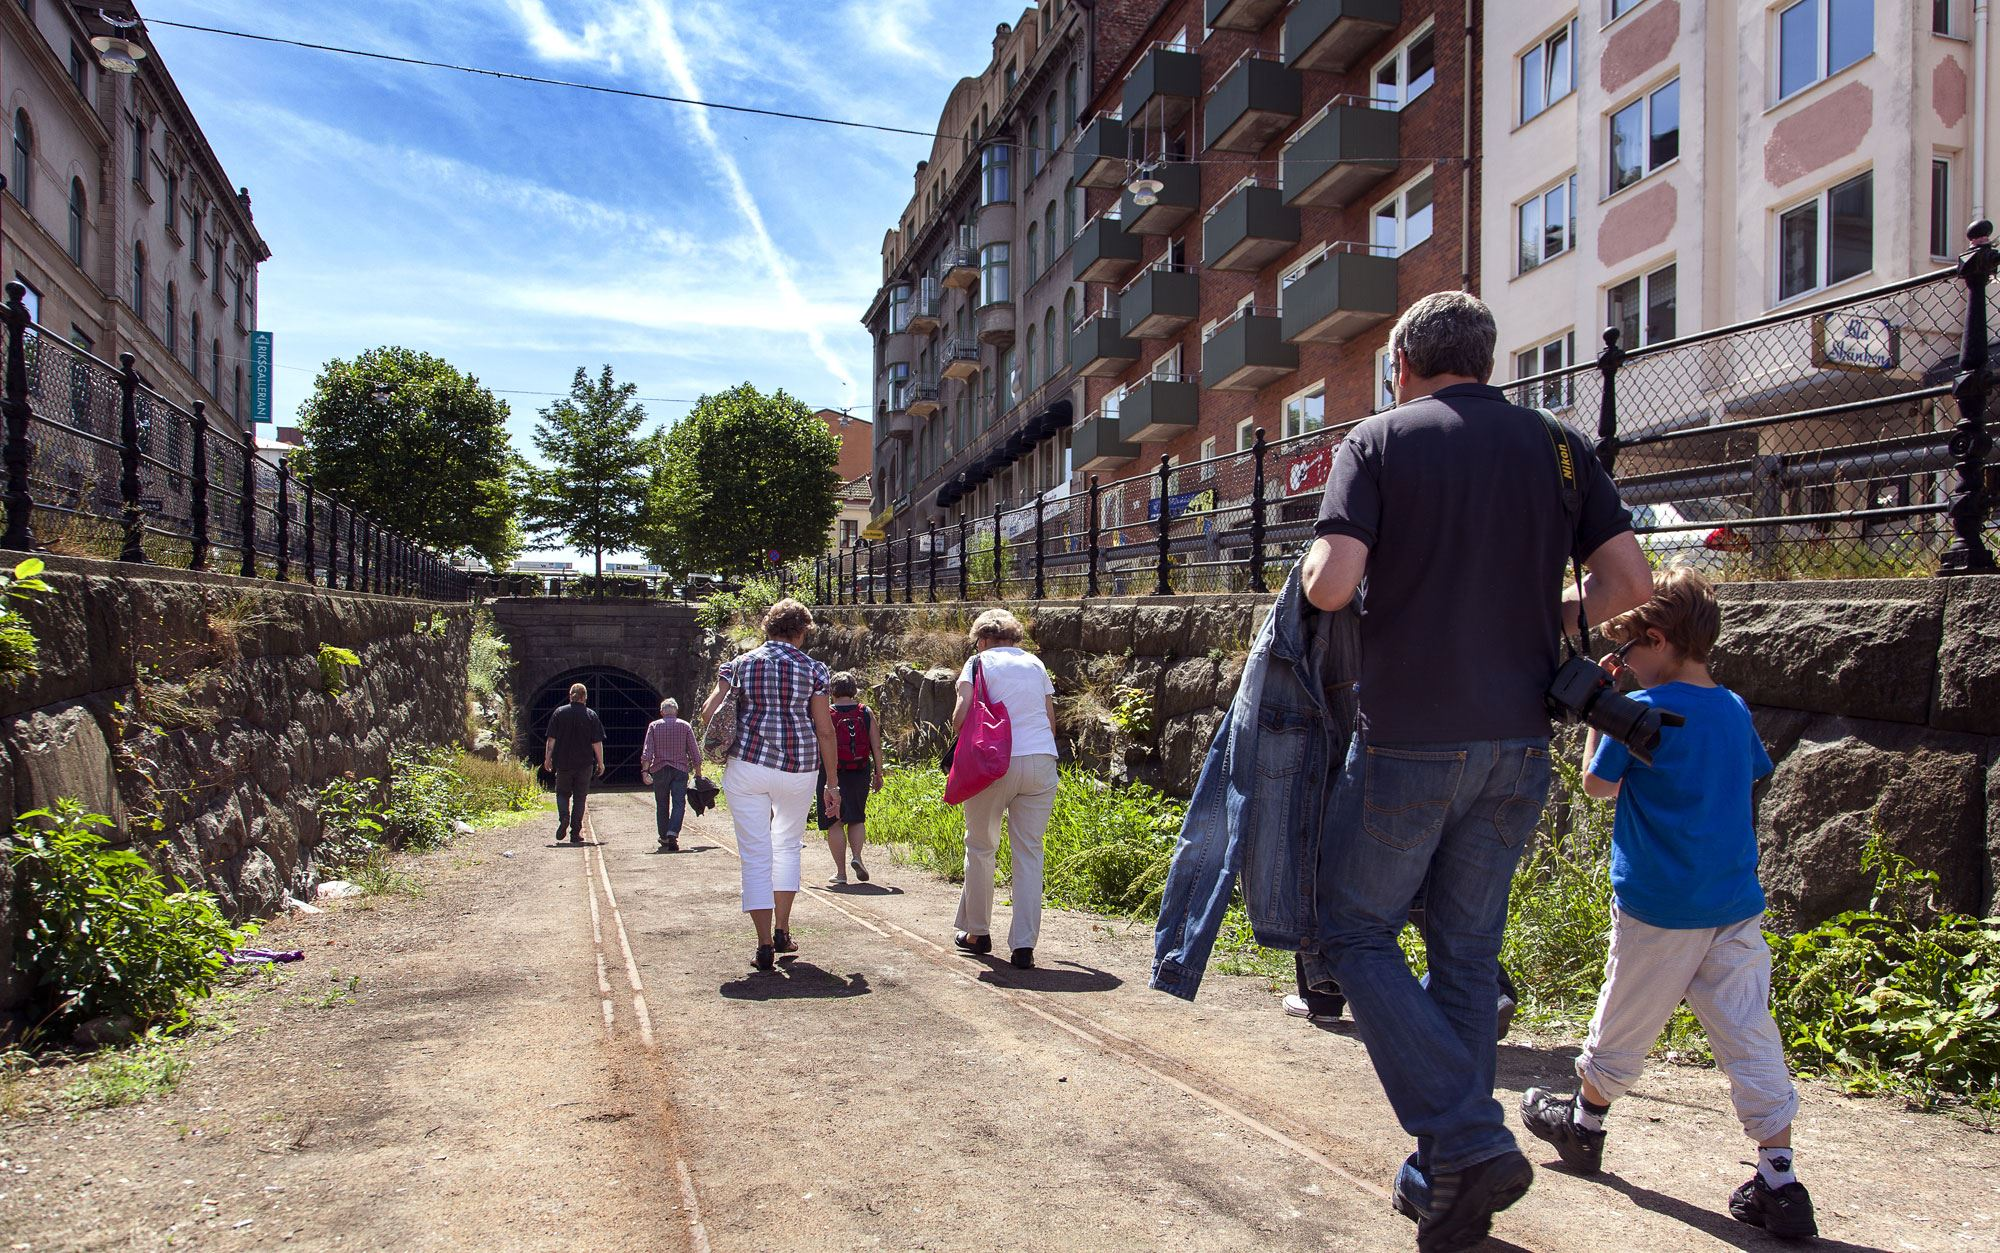 Om ryssen kom - En stadsvandring om Kalla Kriget